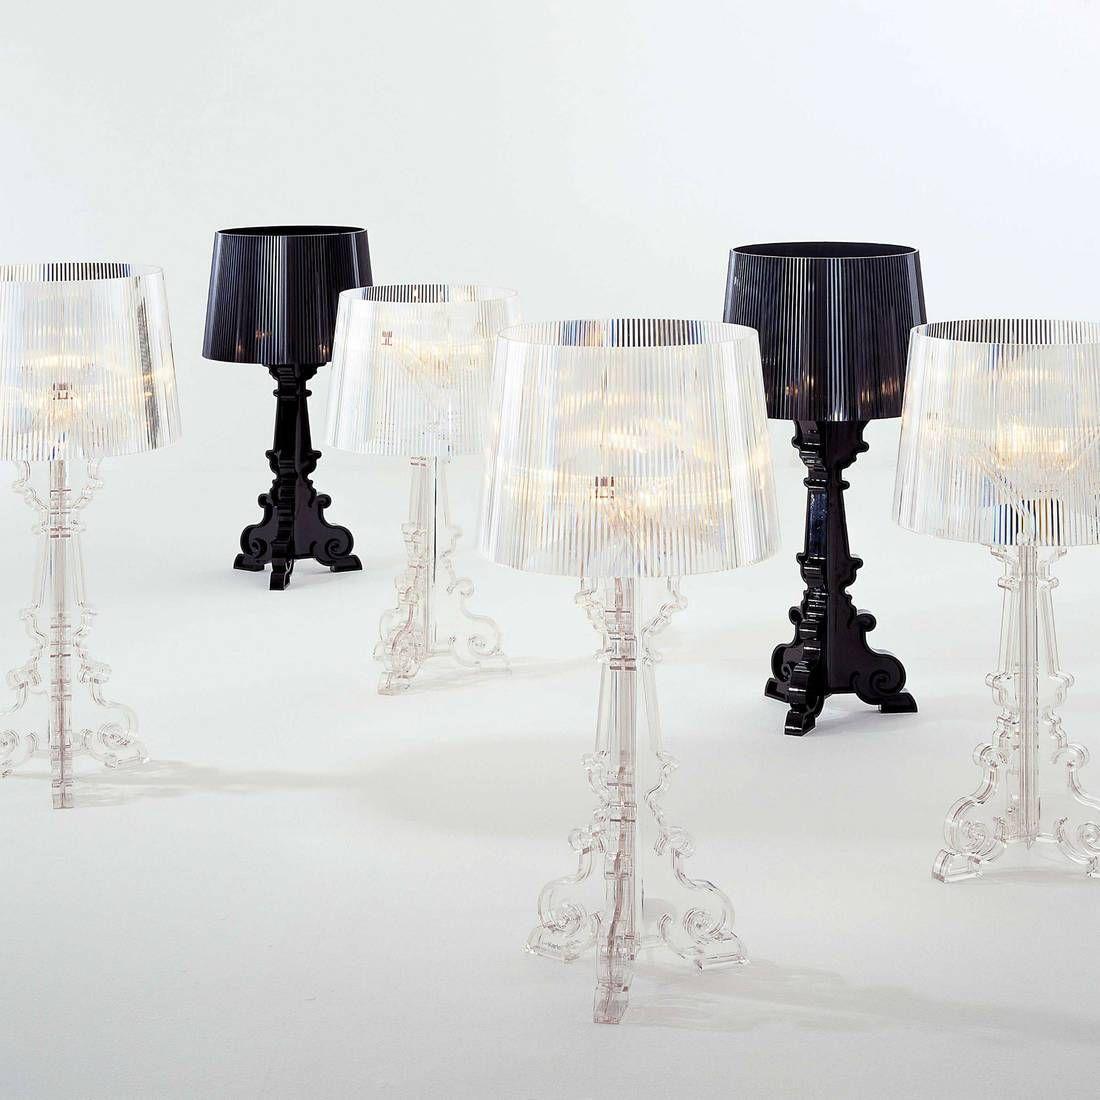 lampe bourgie pas cher lampe bourgie pas cher with lampe bourgie pas cher lampe bourgie pas. Black Bedroom Furniture Sets. Home Design Ideas